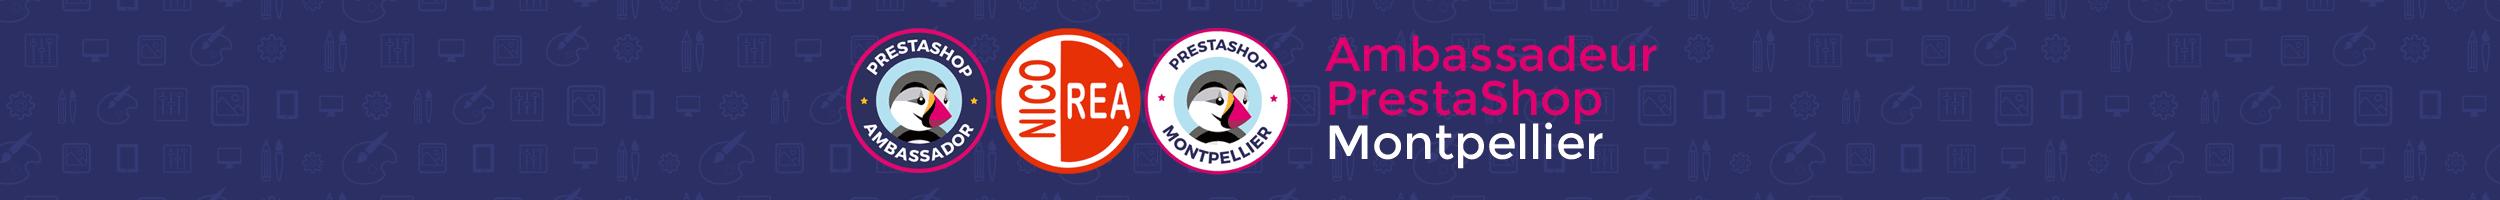 Ambassadeur PrestaShop Montpellier